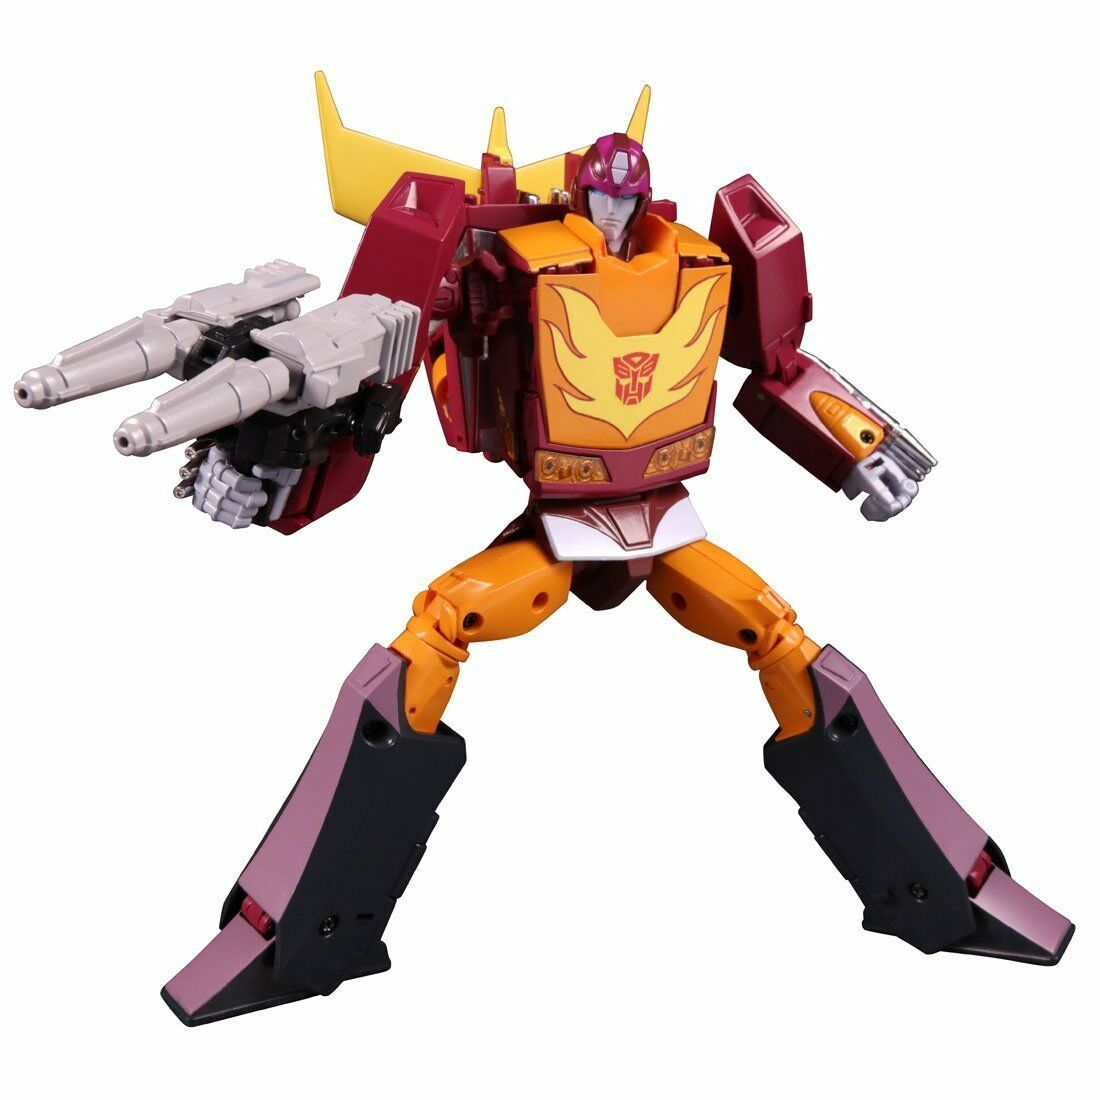 Transformers Masterpiece MP-40 objetivo Master Hot Rodimus Figura De Acción